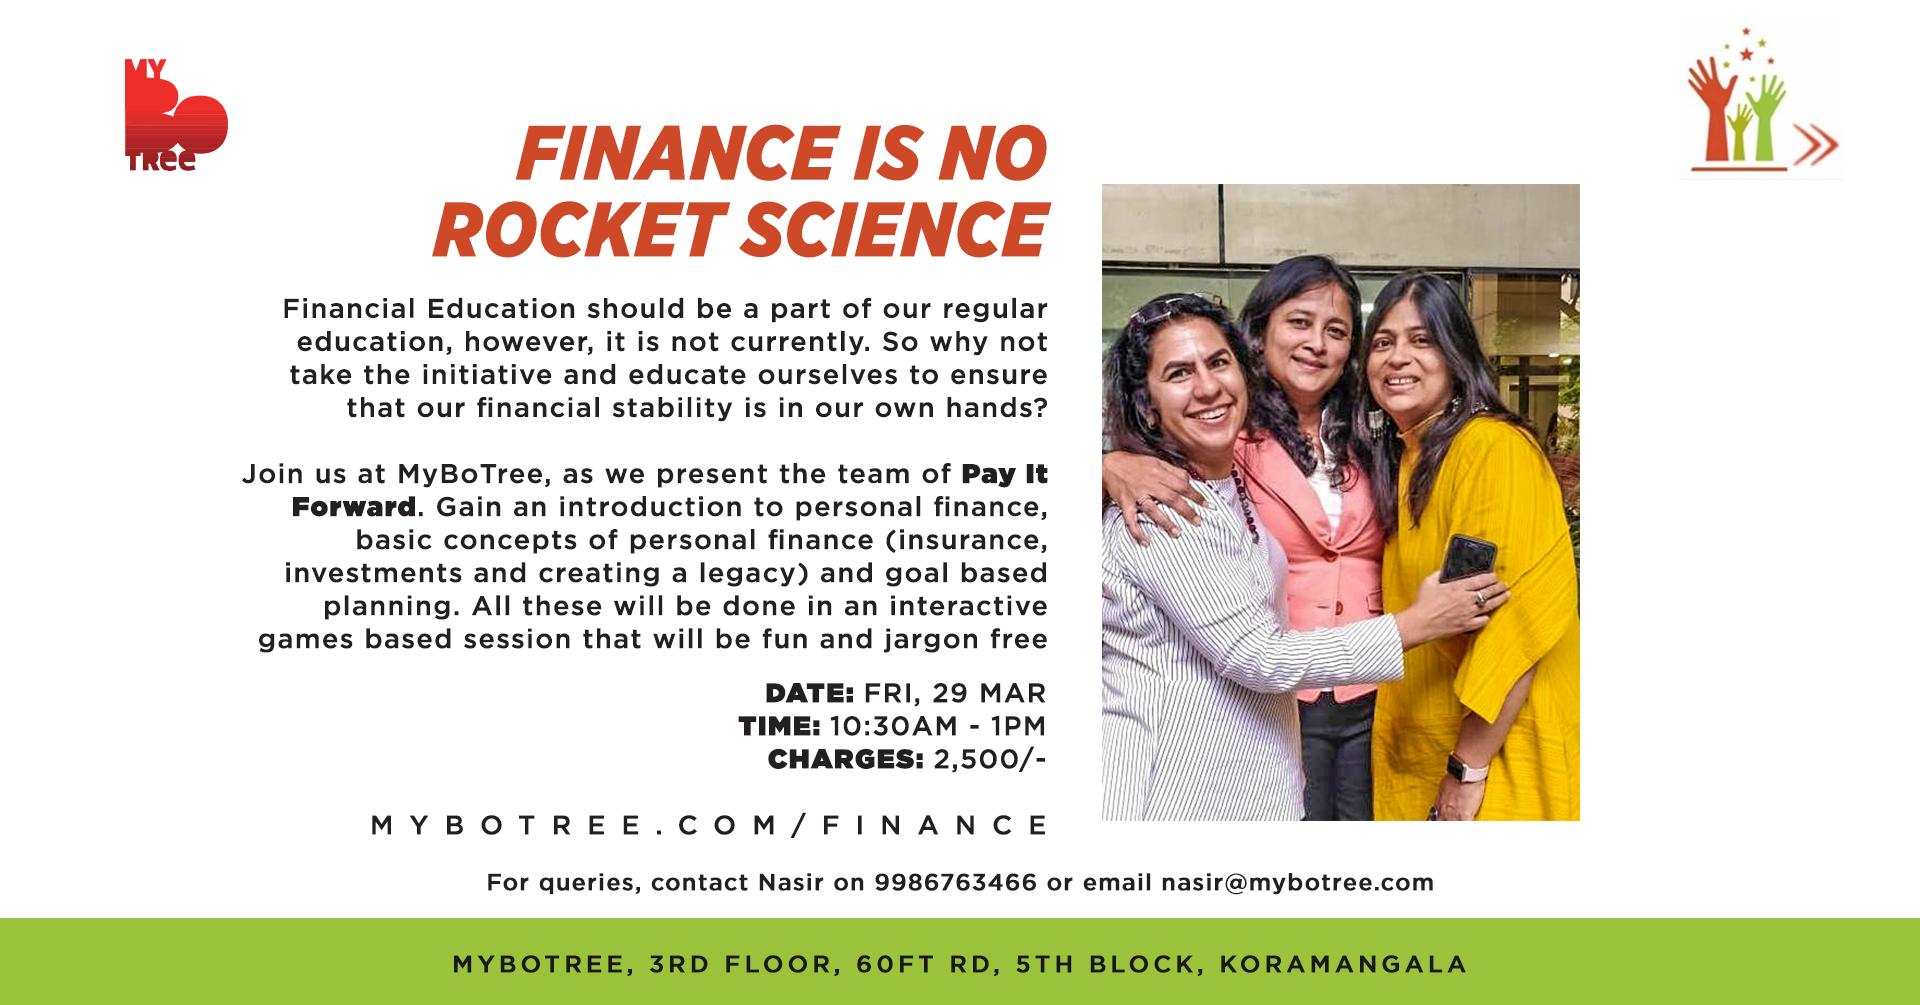 Finance is no rocket science